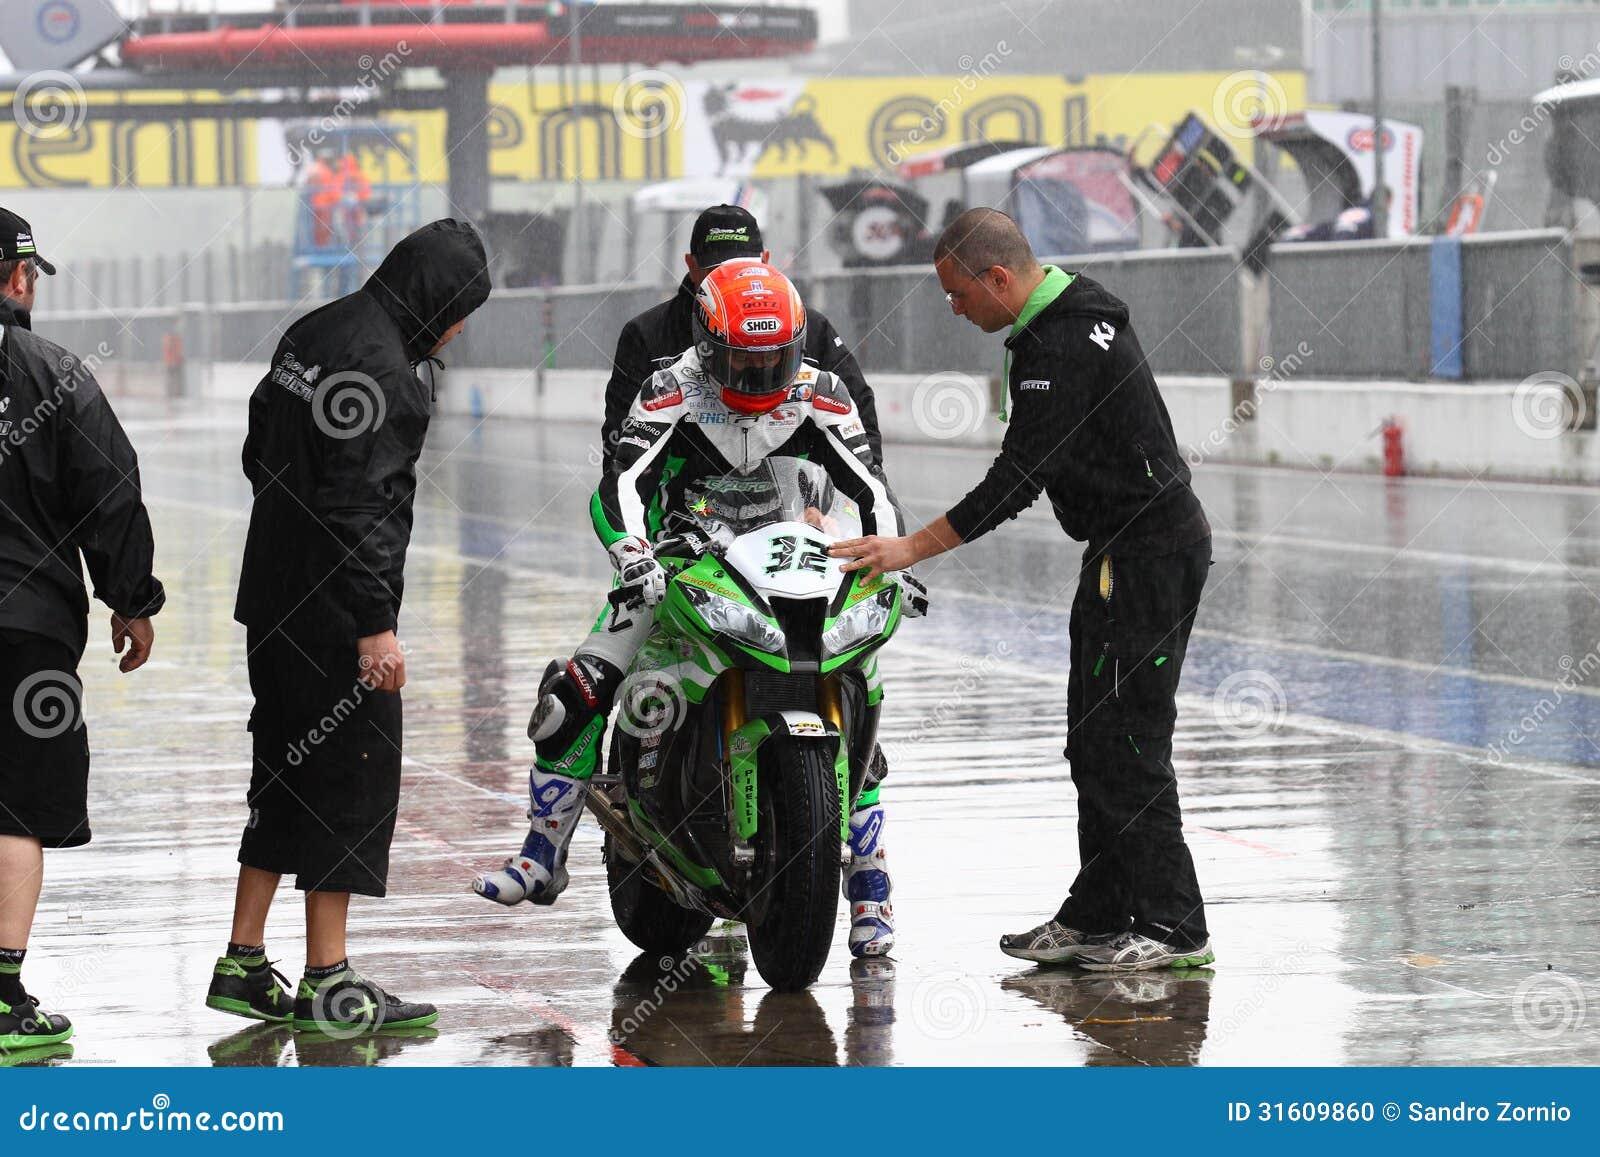 Fabrizio Lai #32 on Kawasaki ZX-10R Kawasaki Racing Team Superbike WSBK